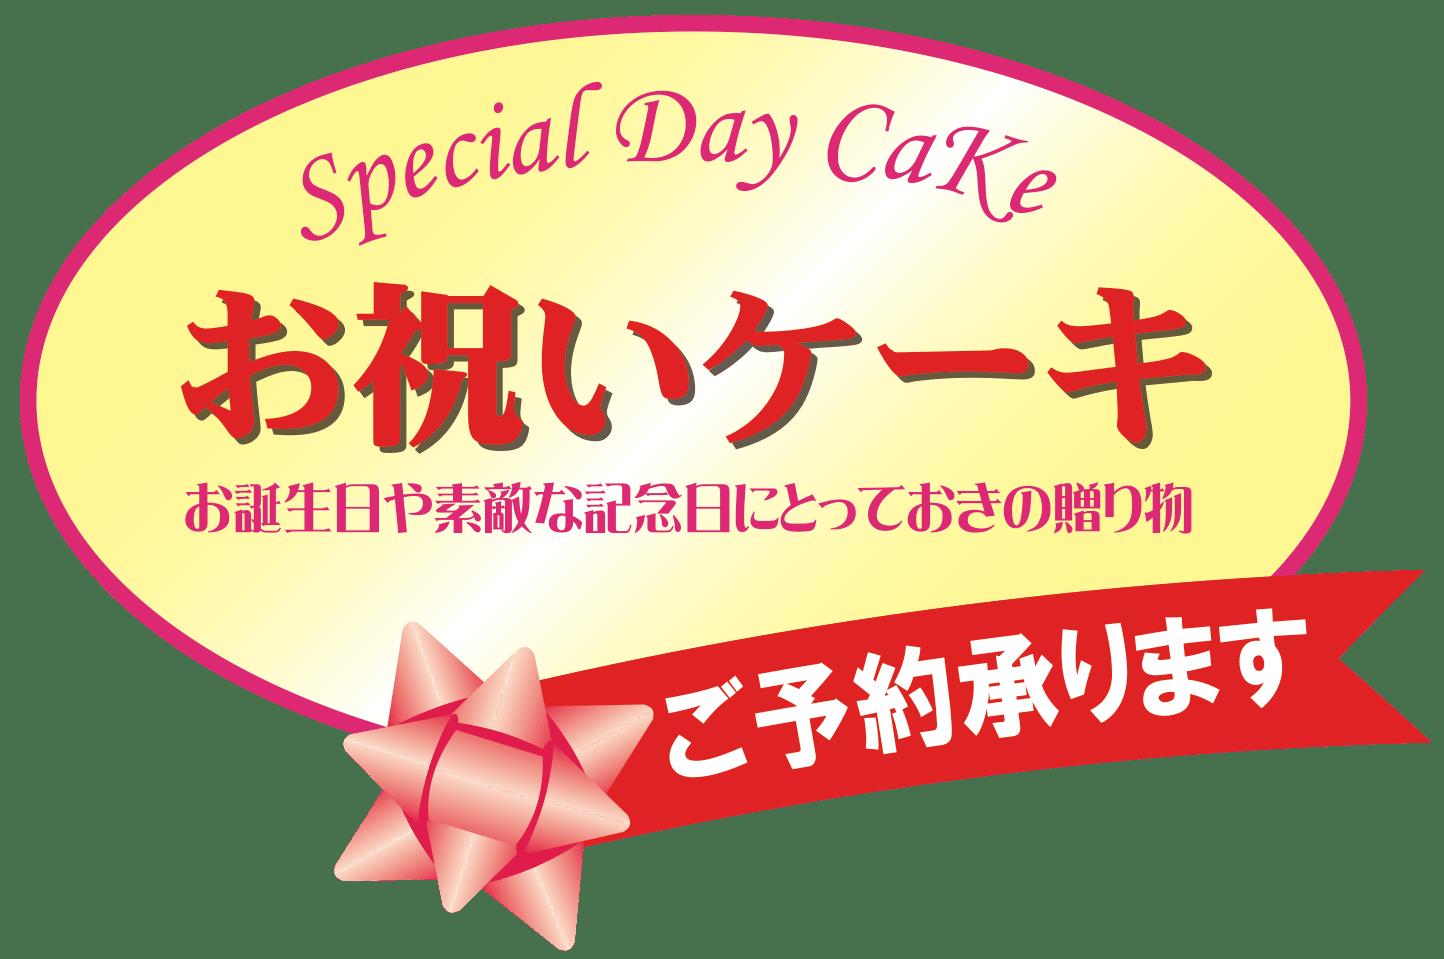 お祝いケーキ:お誕生日や素敵な記念日にとっておきの贈り物 ご予約承ります